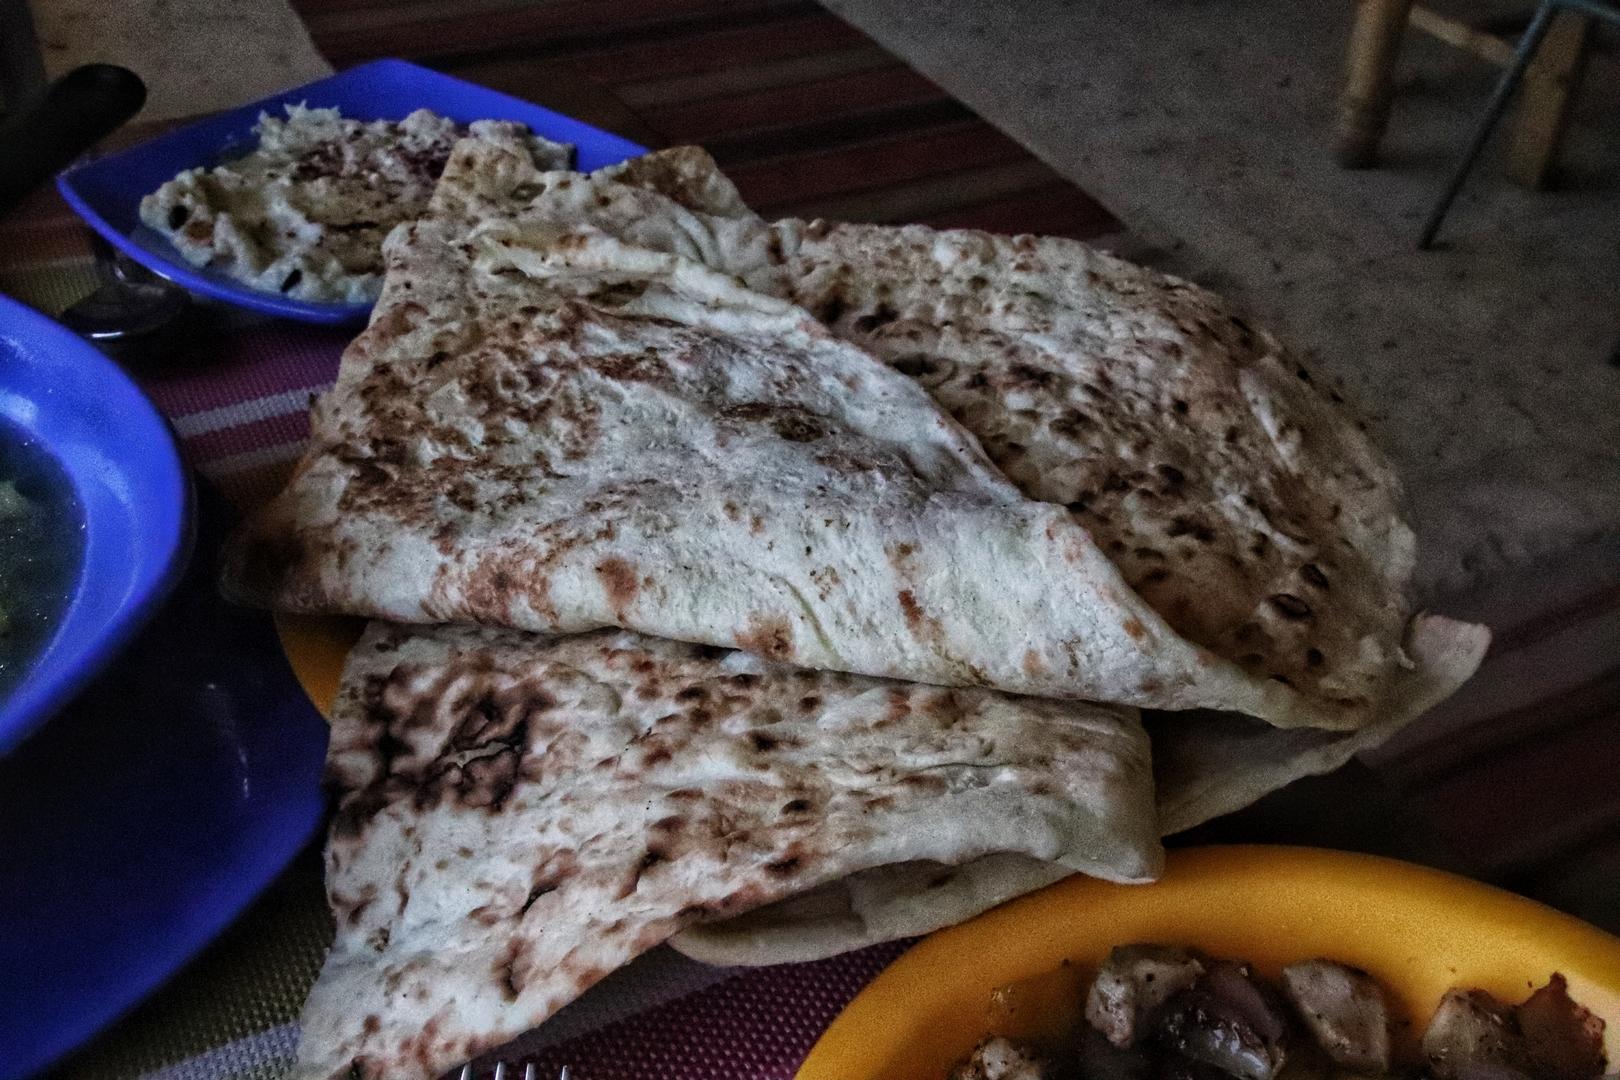 Jordanie - Pain dans un café au pied du château d'Ajlun